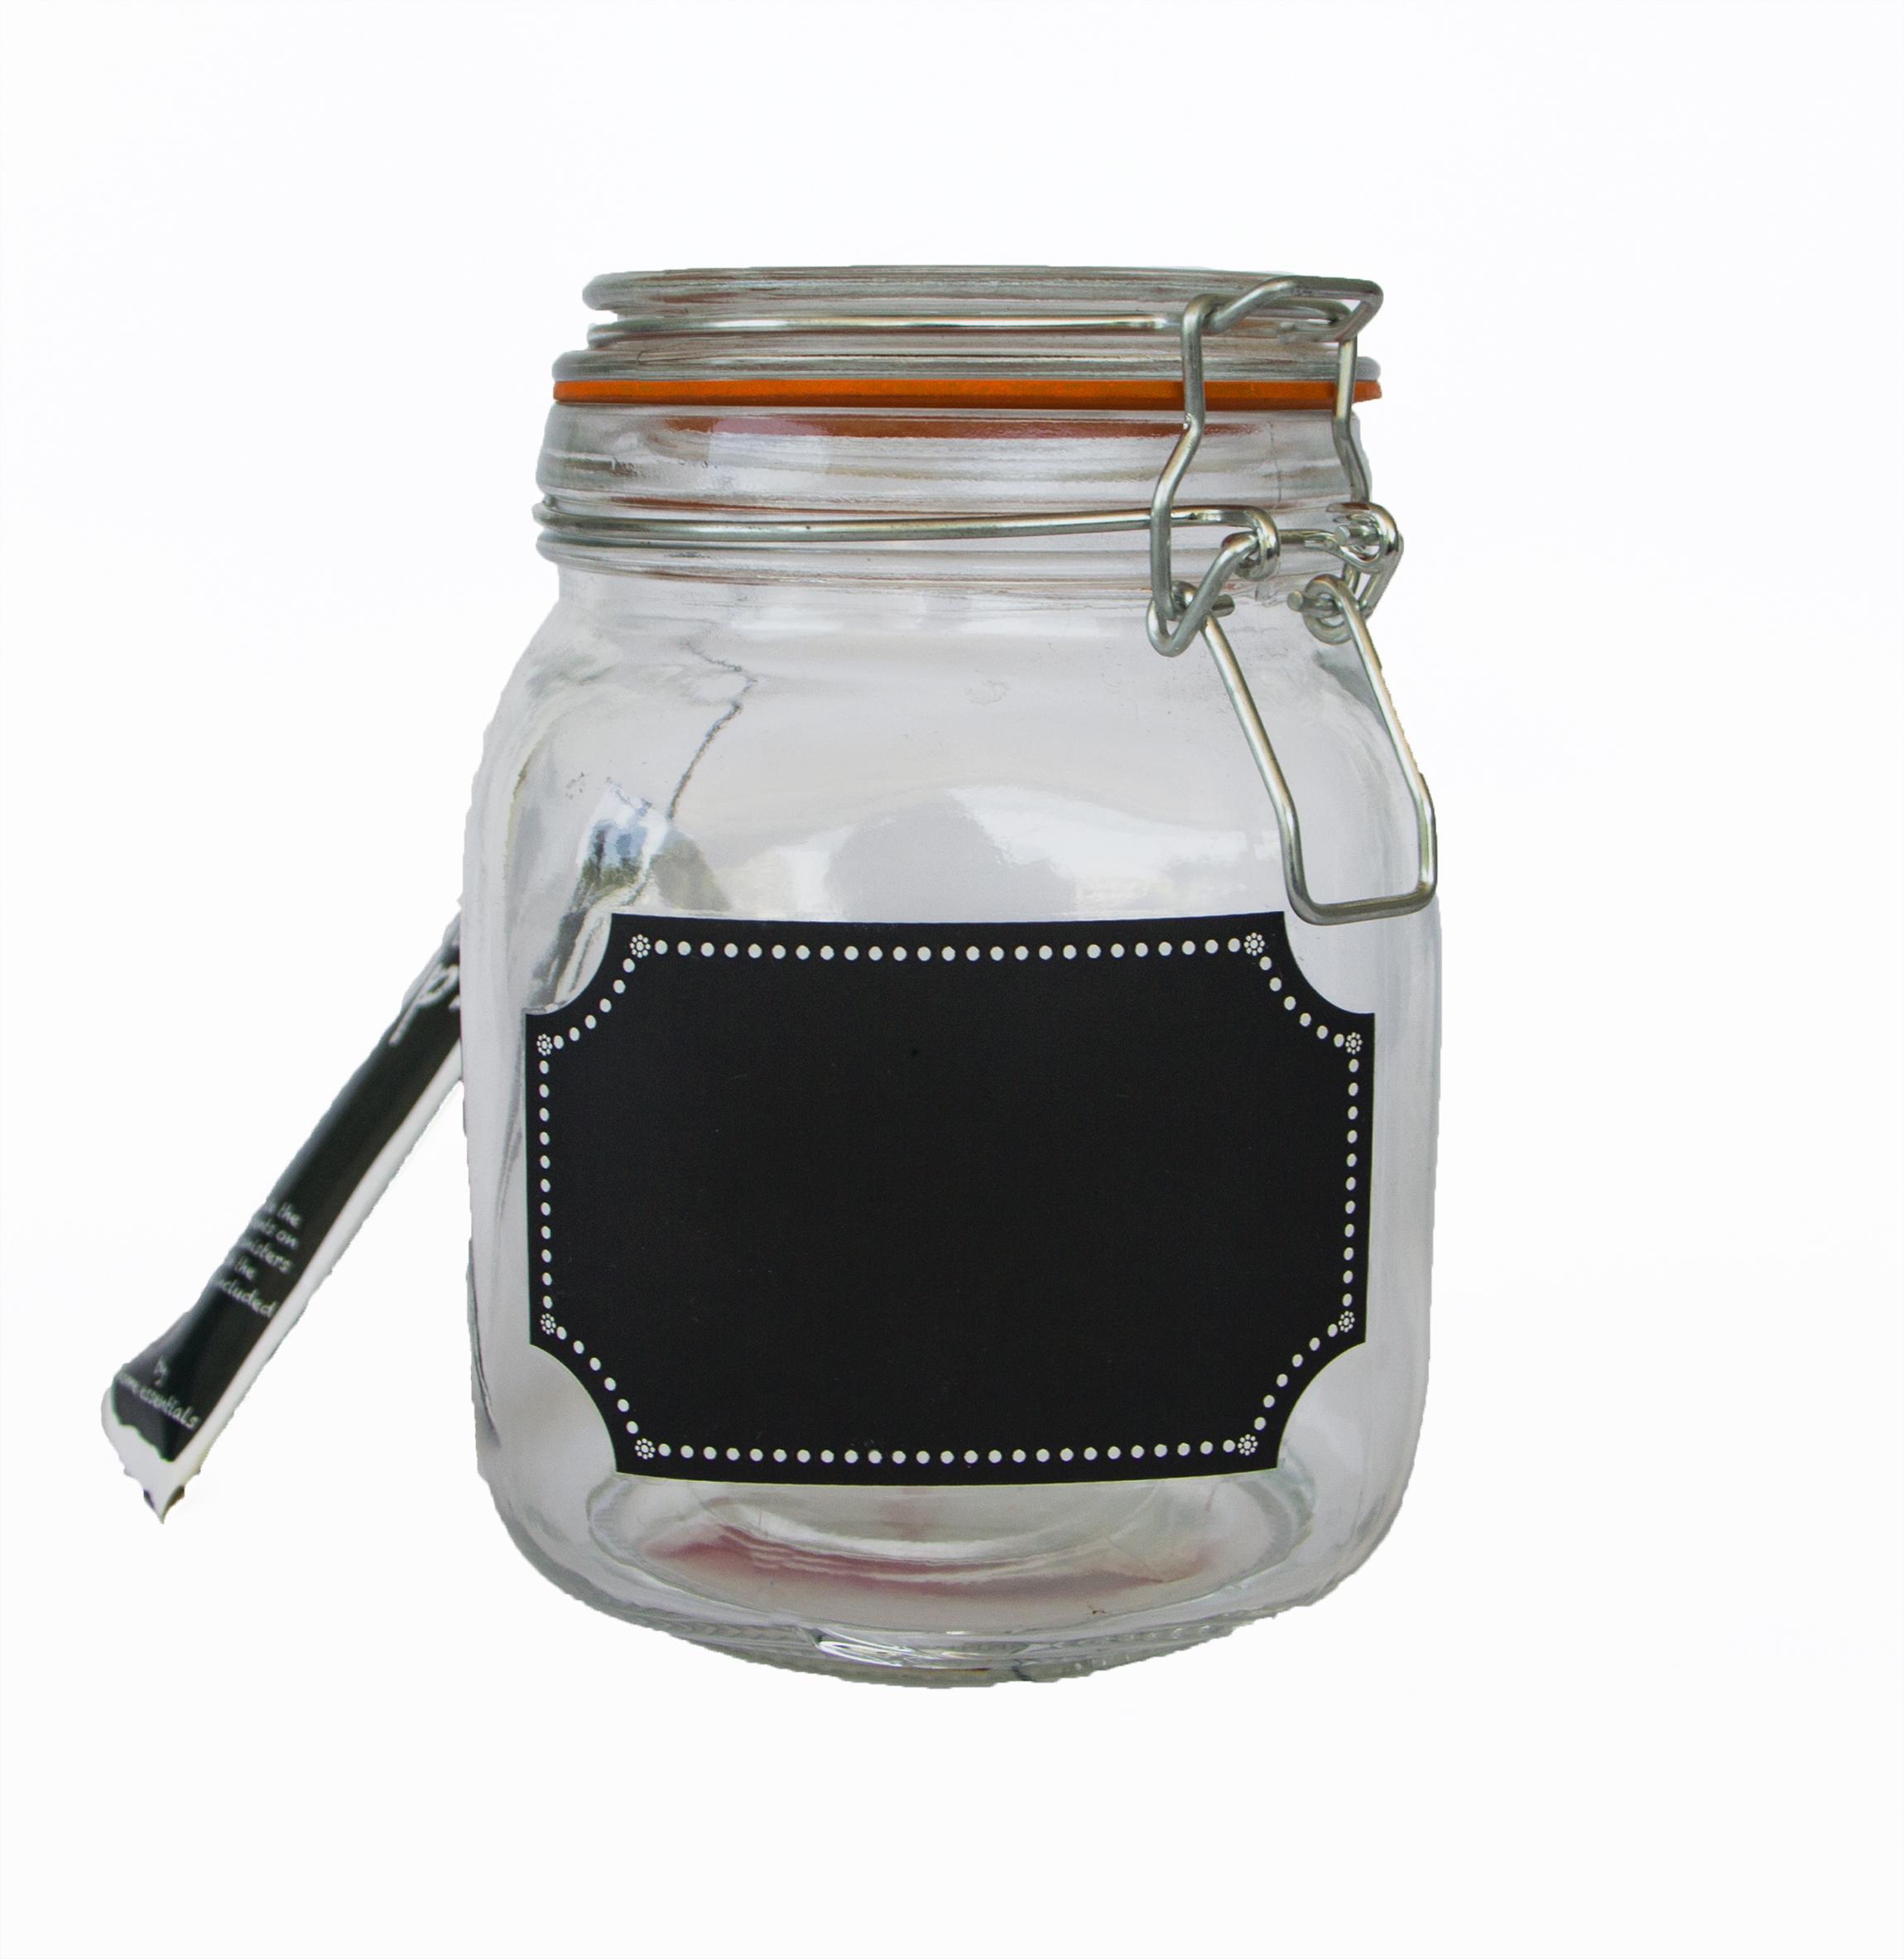 Porta utensilios vintage Mason Jar M/&W Soporte de cer/ámica blanca resistente a las virutas batidores y cucharas de almacenamiento Esp/átulas